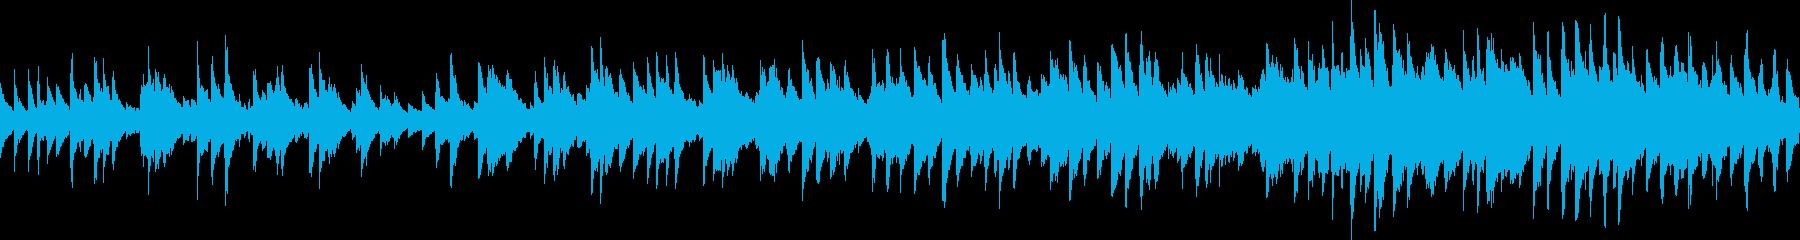 シャッフルカントリーバラード(ループ)の再生済みの波形